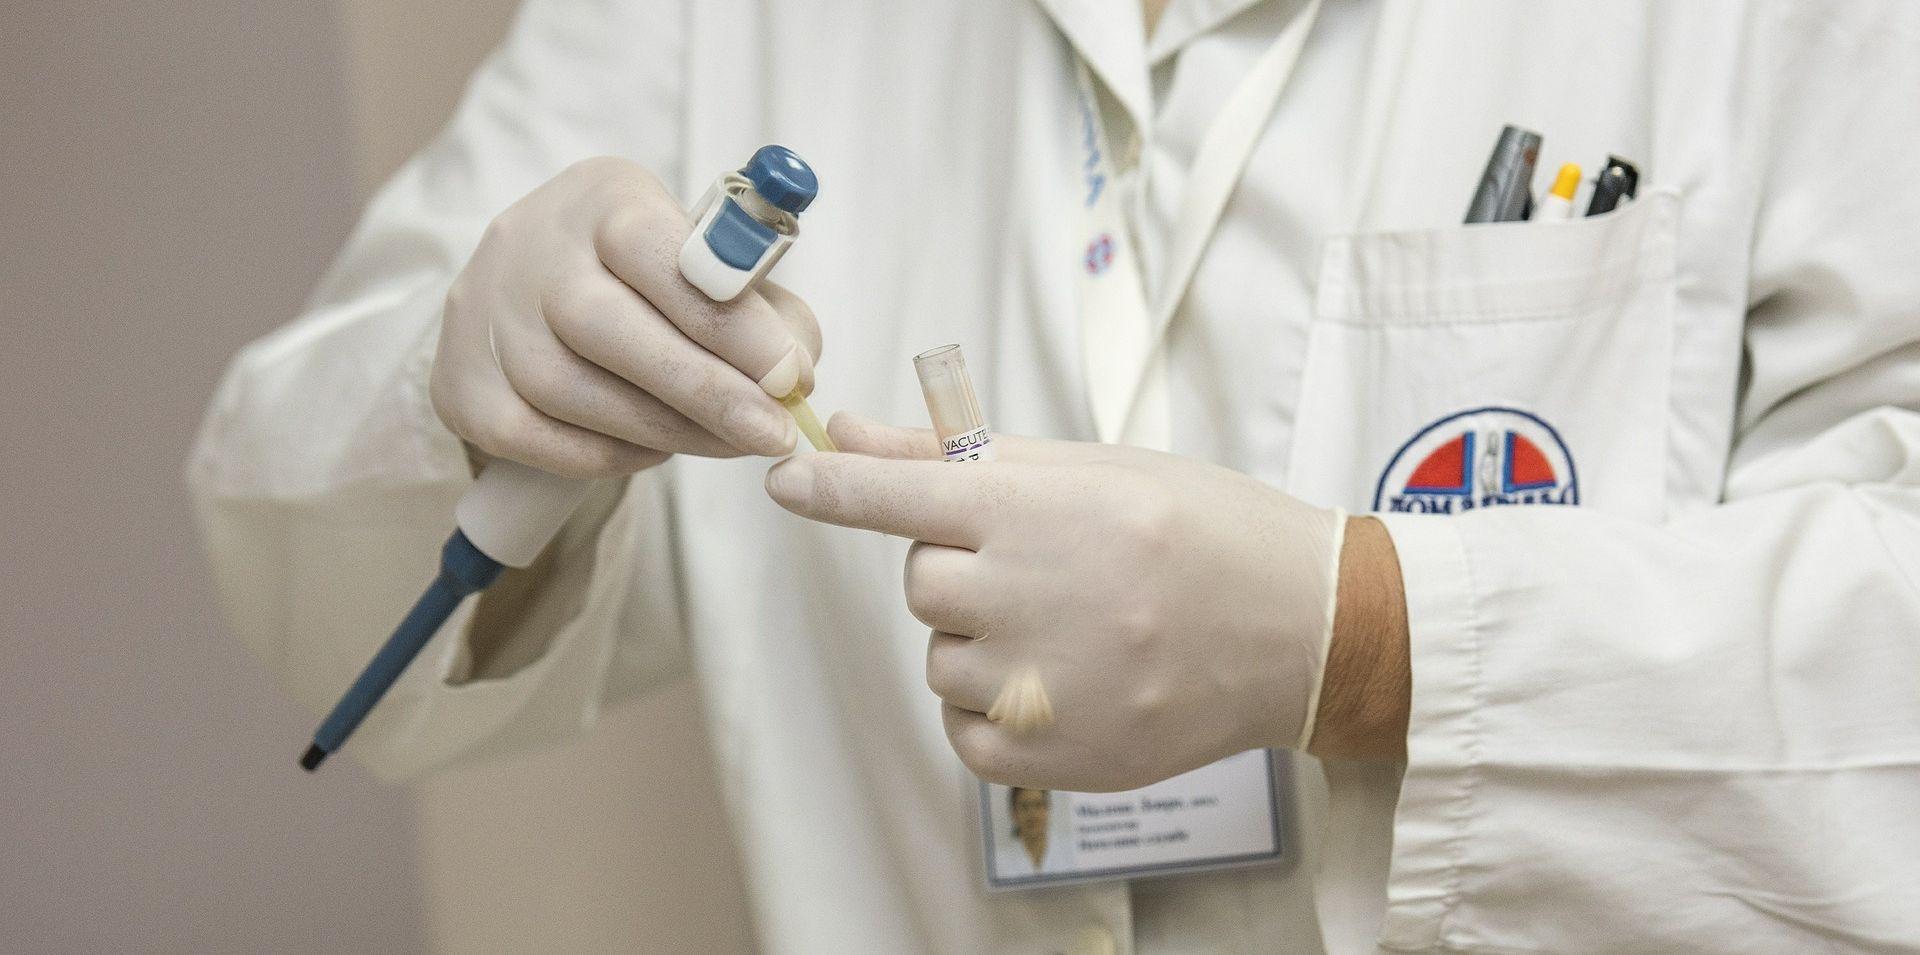 KBC Sestre milosrdnice: Obilježeno 35 godina Instituta za klinička medicinska istraživanja